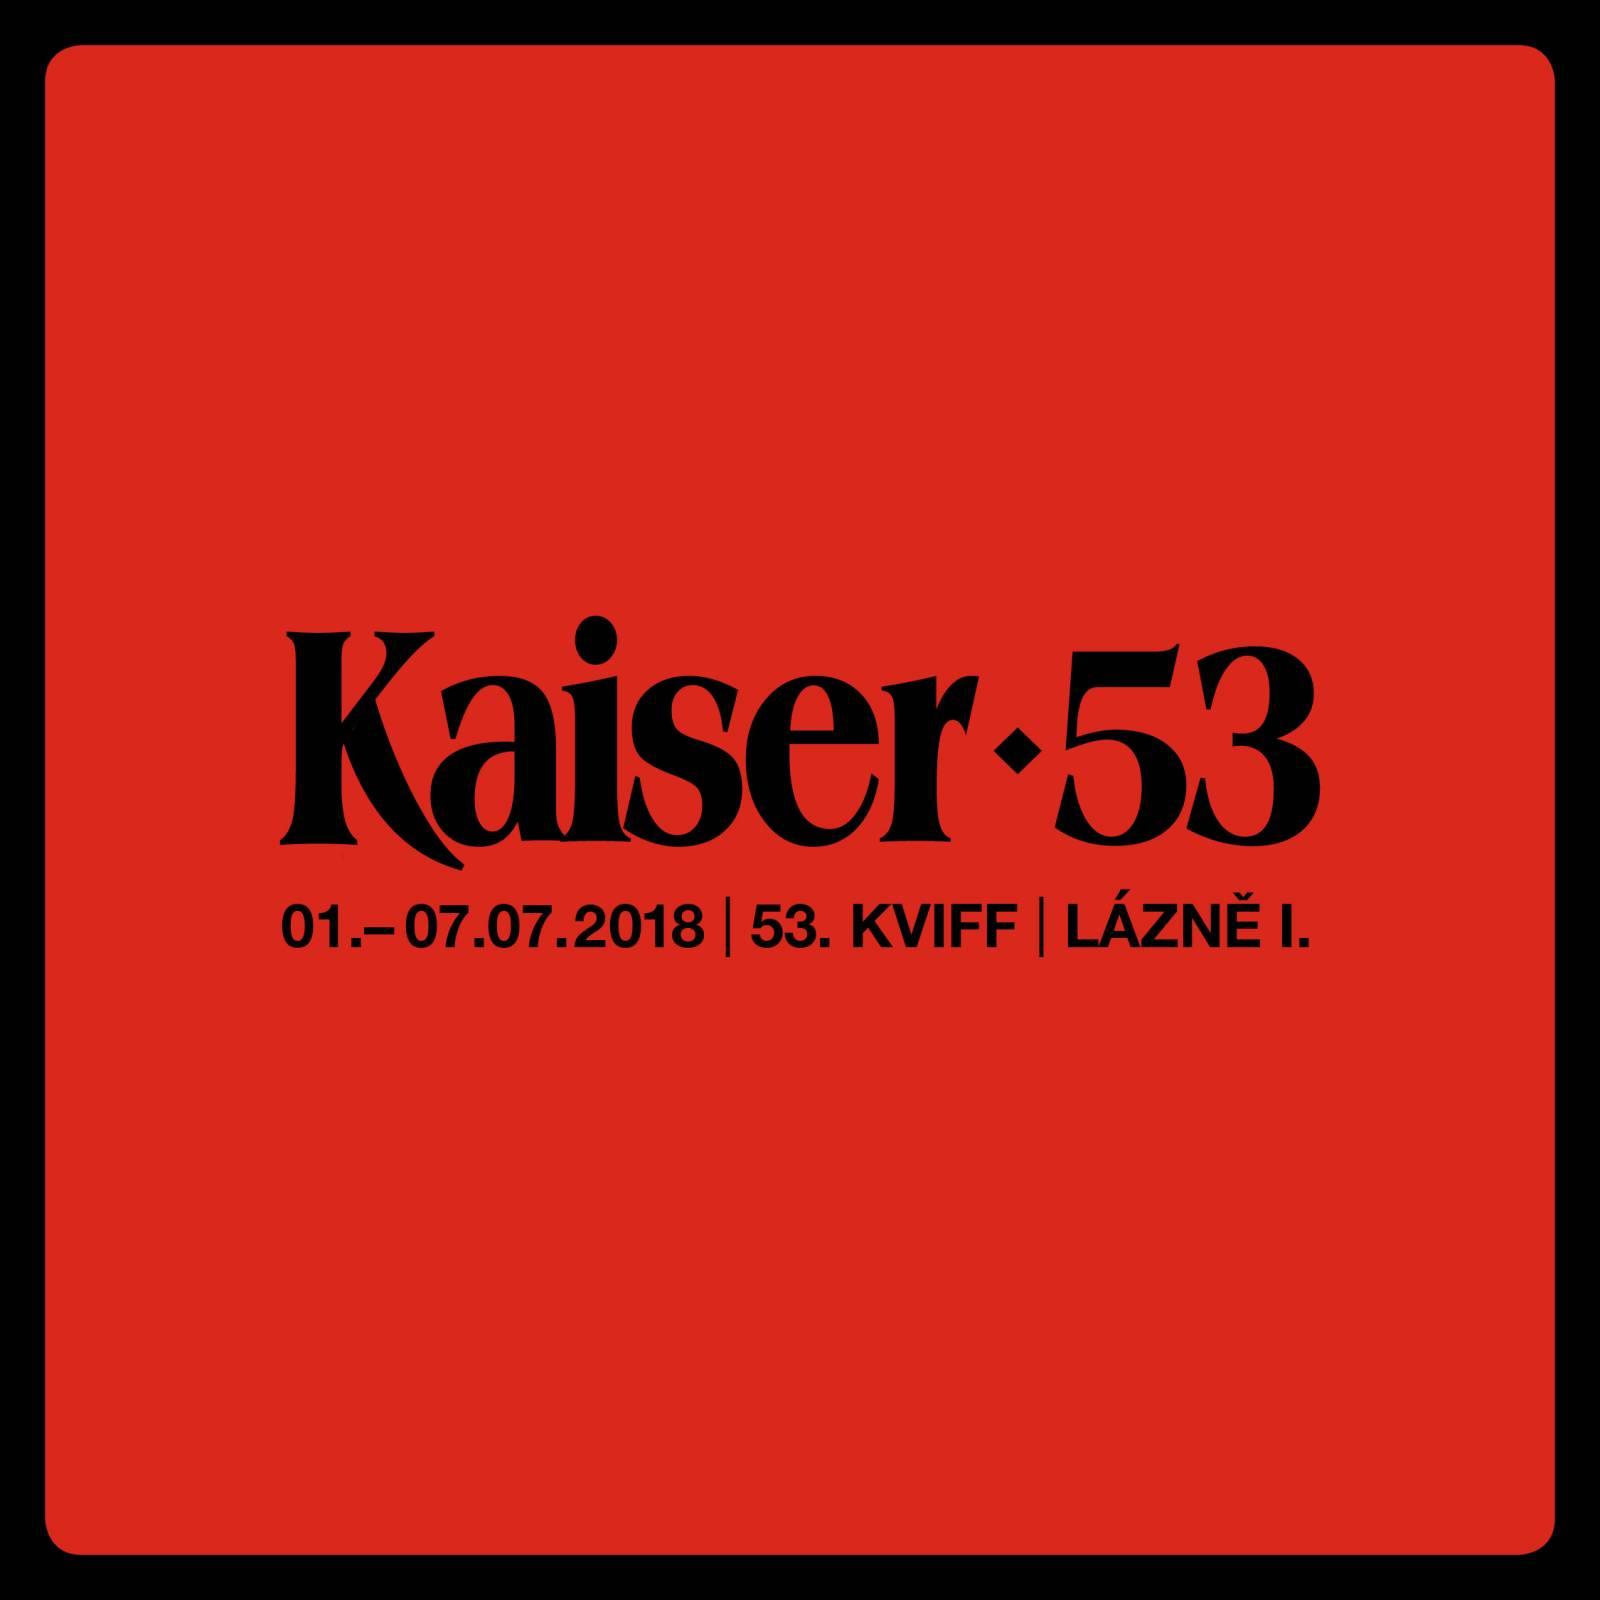 Do klubu Kaiser 53 na MFF v Karlových Varech zavítají PSH nebo J.A.R.